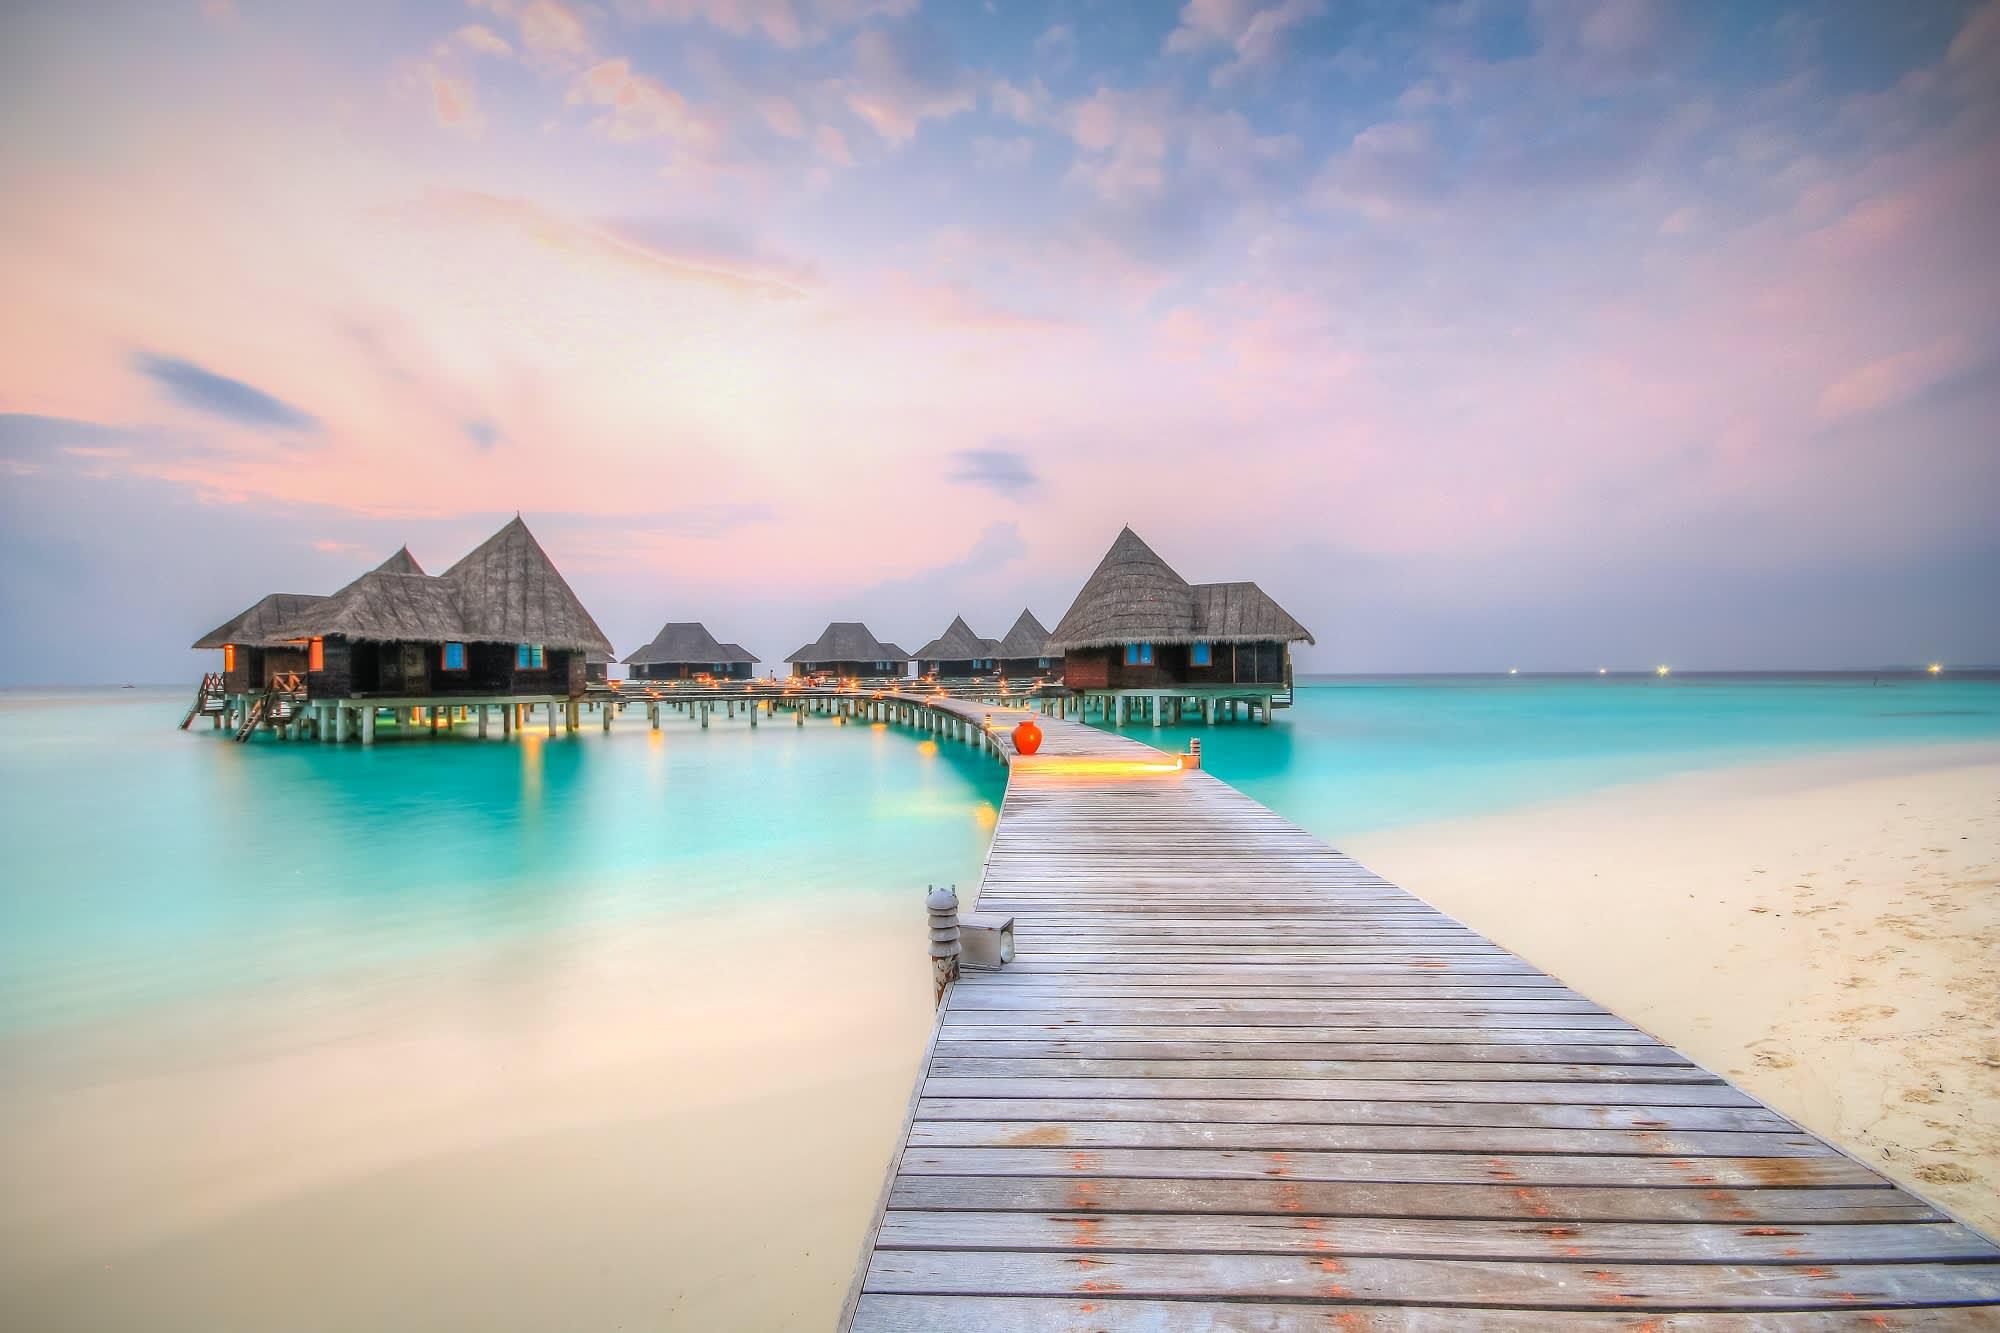 luxury maldives resort wants summer intern to help rescue